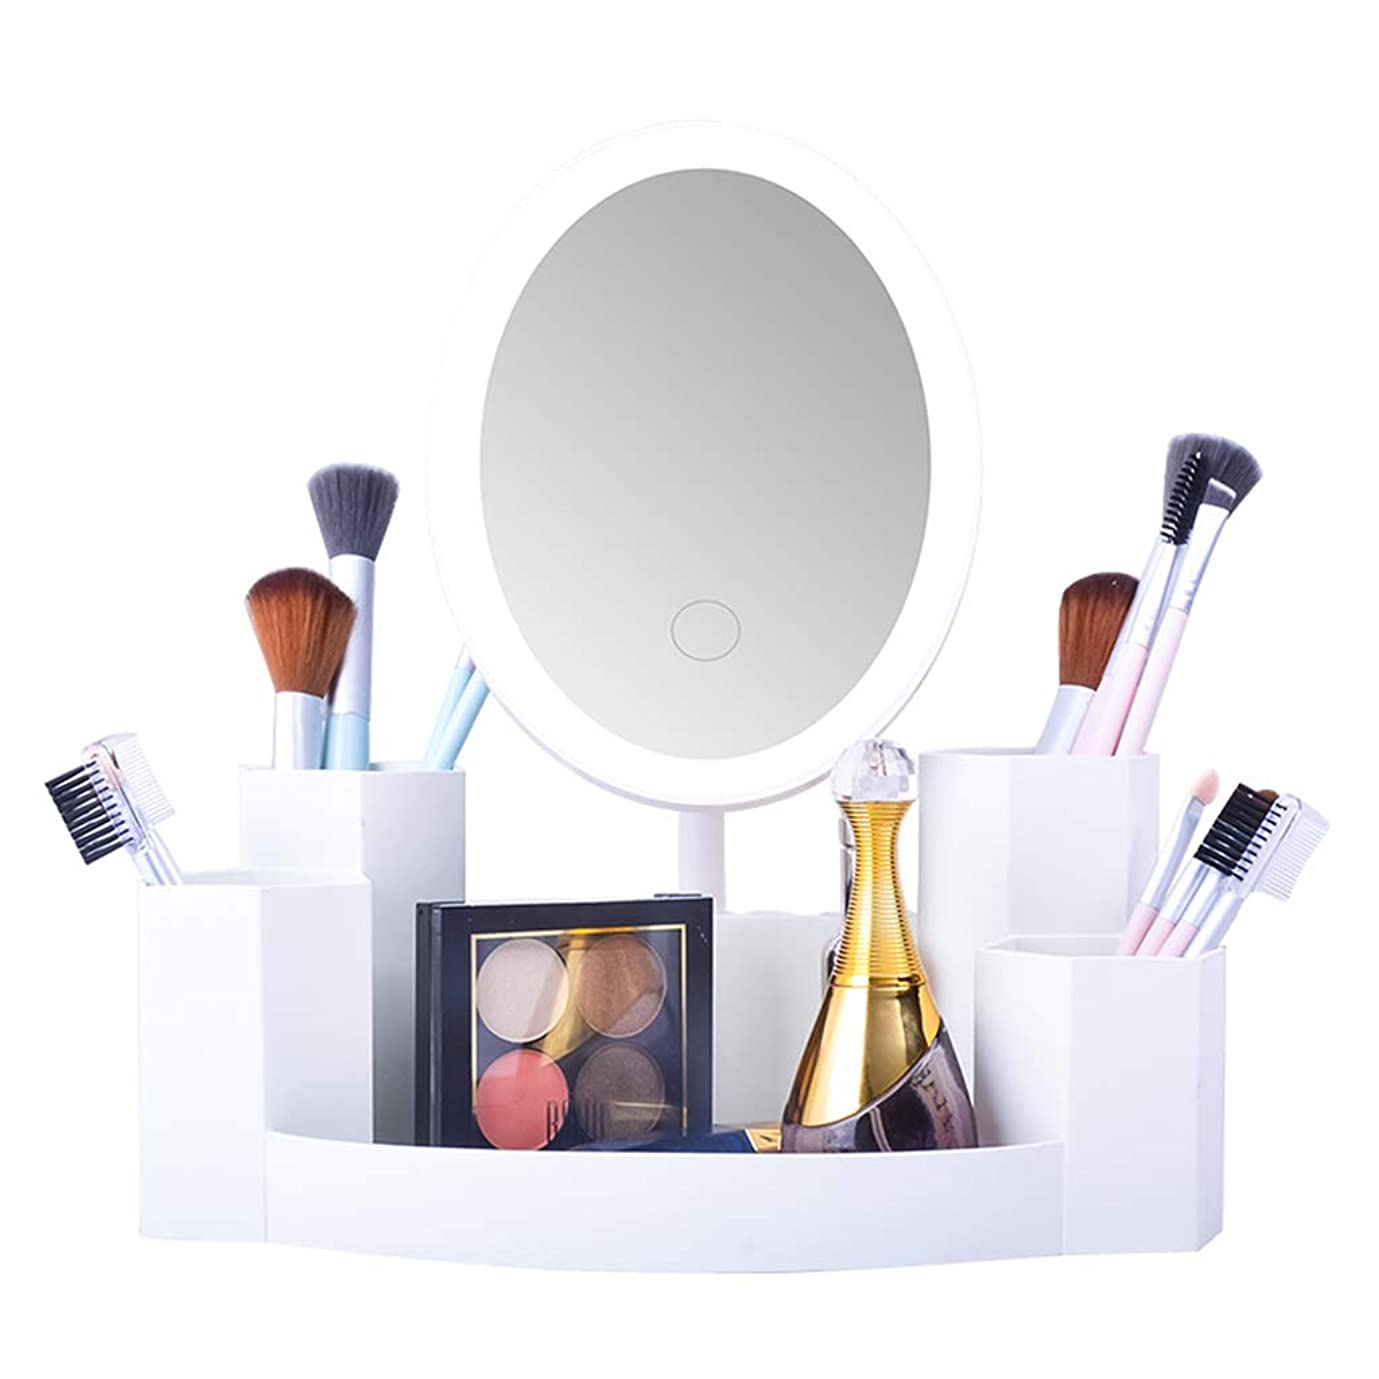 カテナ尋ねるバッチLED化粧鏡化粧台付き化粧品収納ボックス寮化粧品収納ボックス最高の贈り物 (Color : WHITE, Size : 27*15*28.5CM)